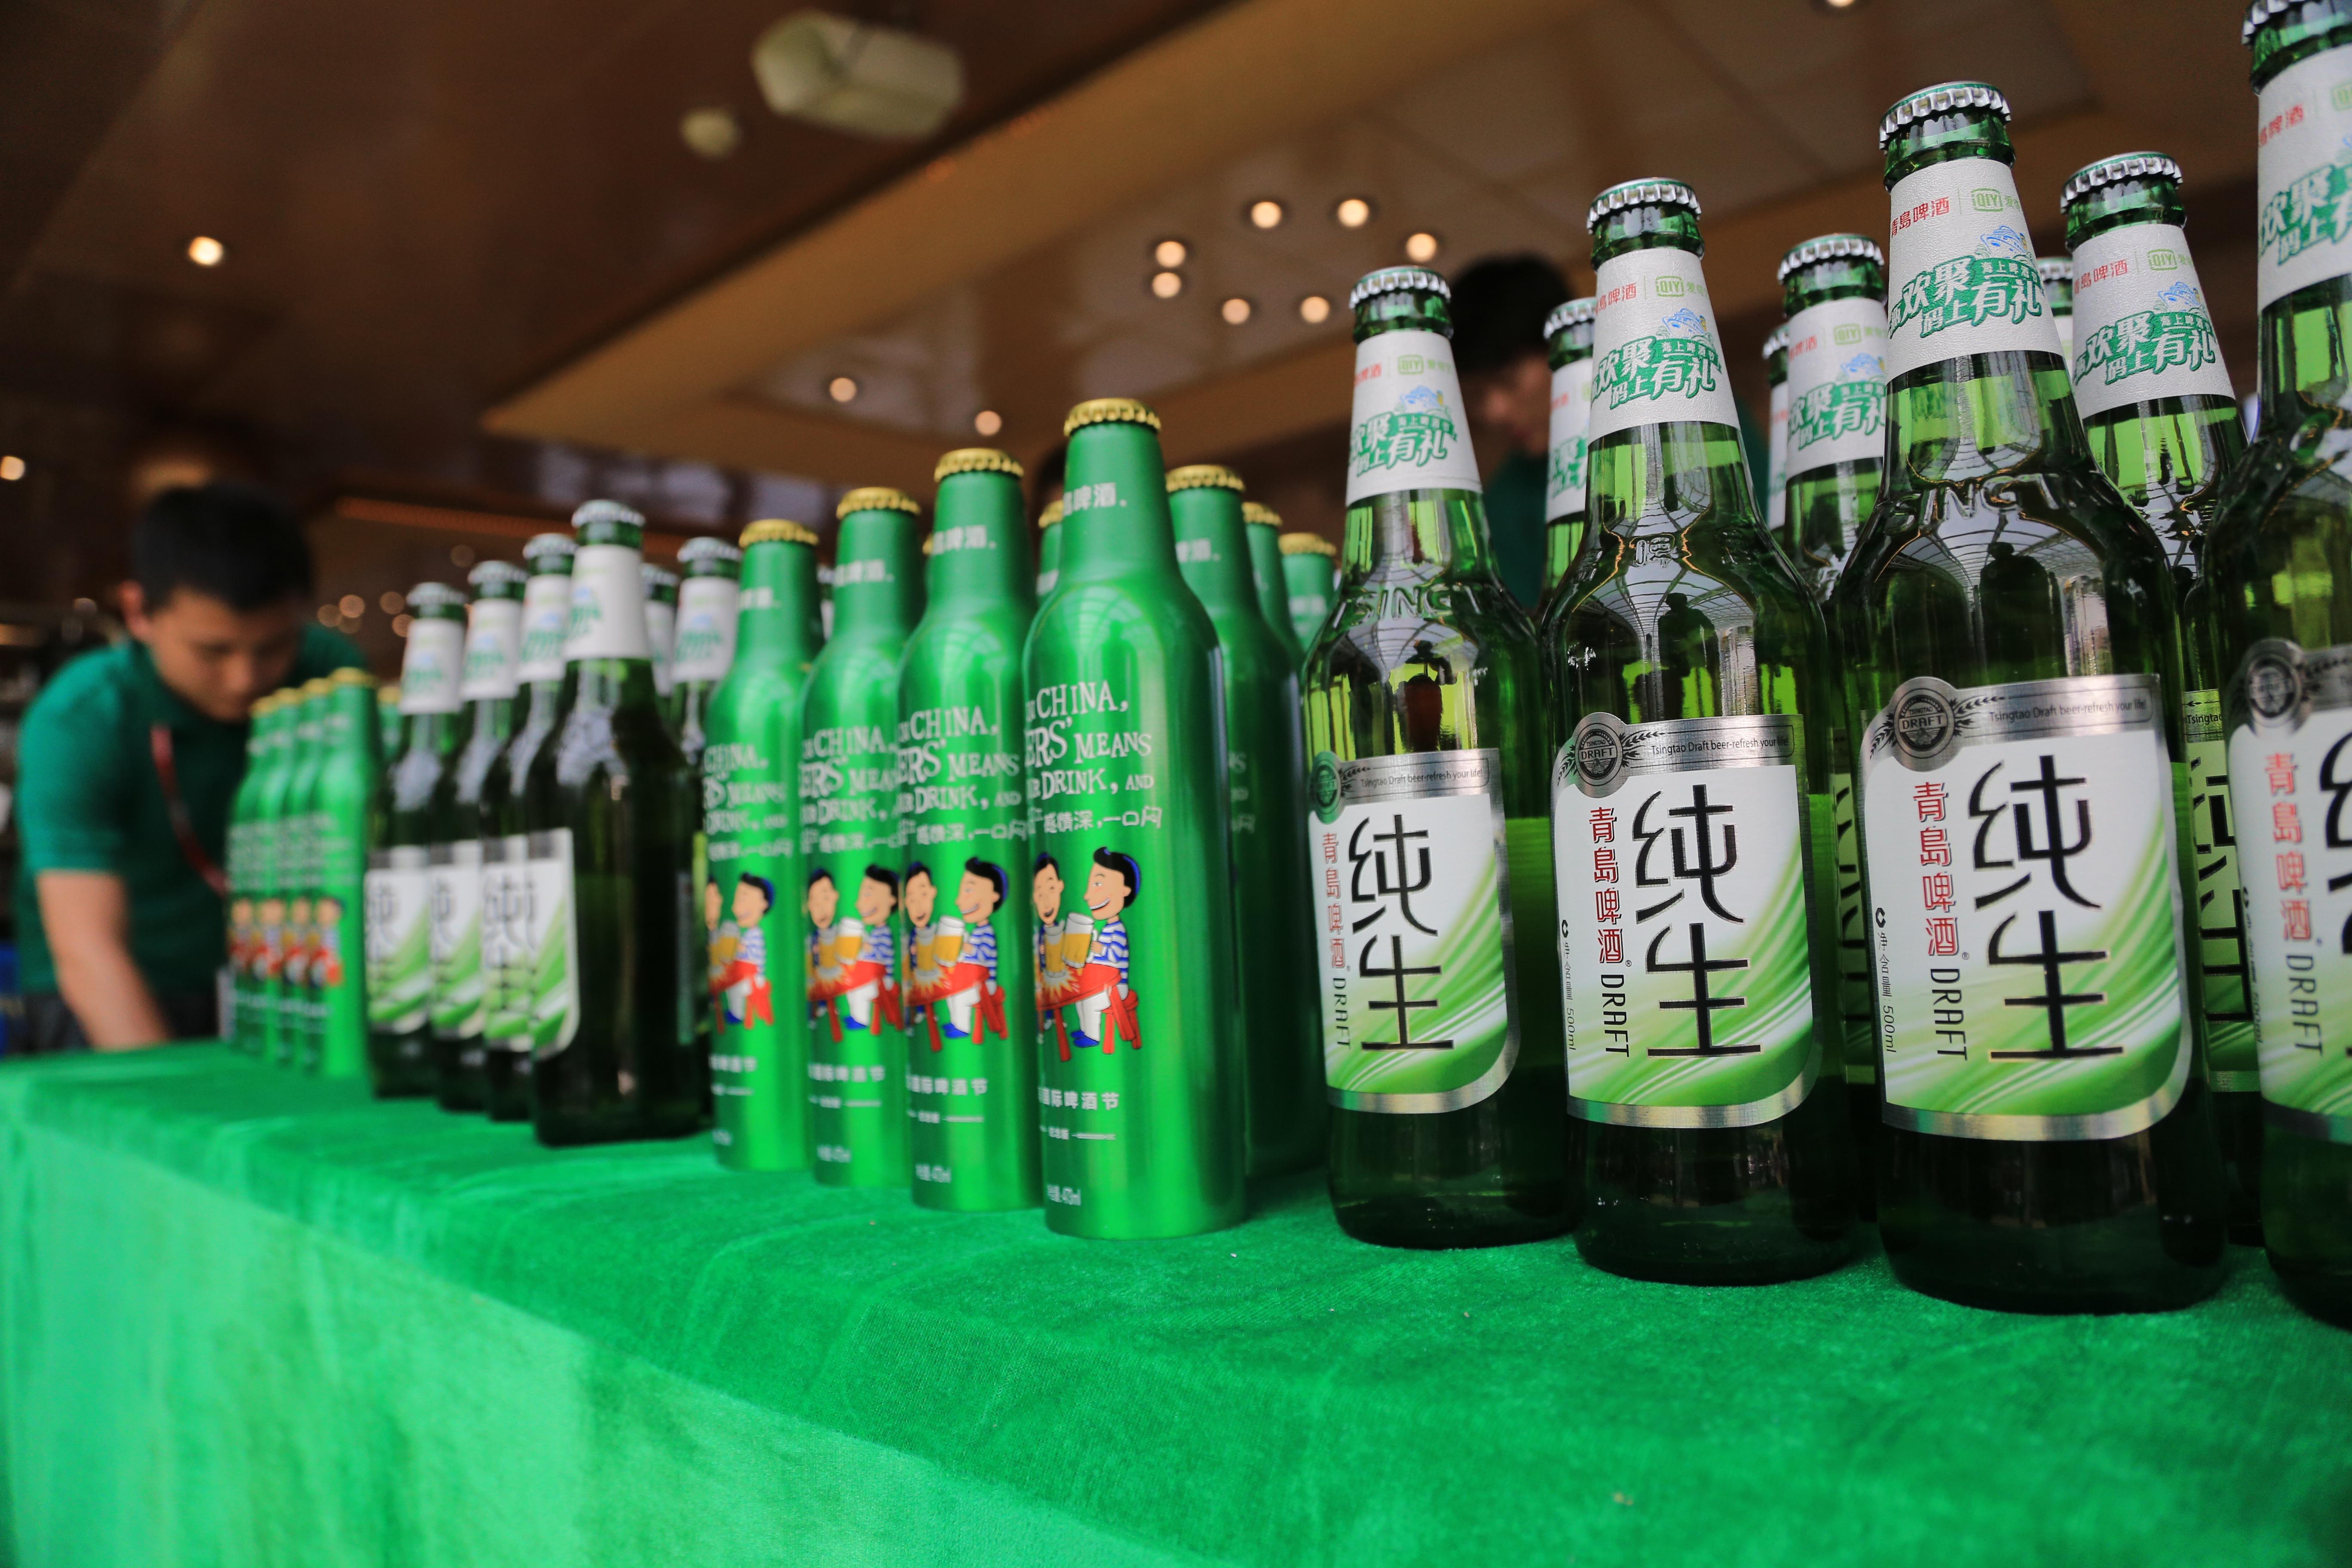 青岛啤酒联合了嘉年华旗下世界级邮轮品牌